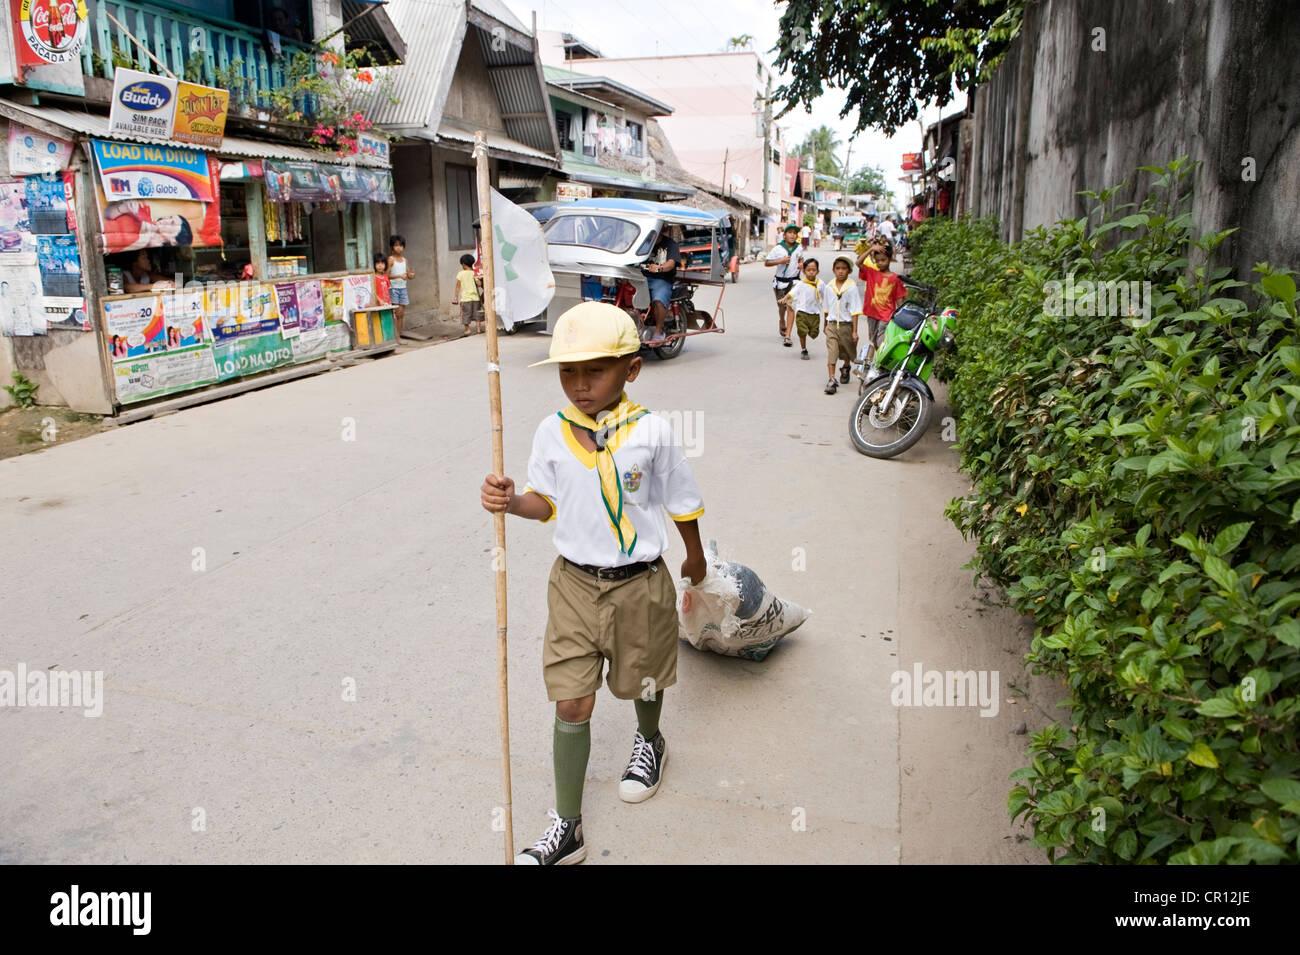 Aux Philippines, l'île de Palawan, El Nido, nettoyage de la ville d'écolier Photo Stock